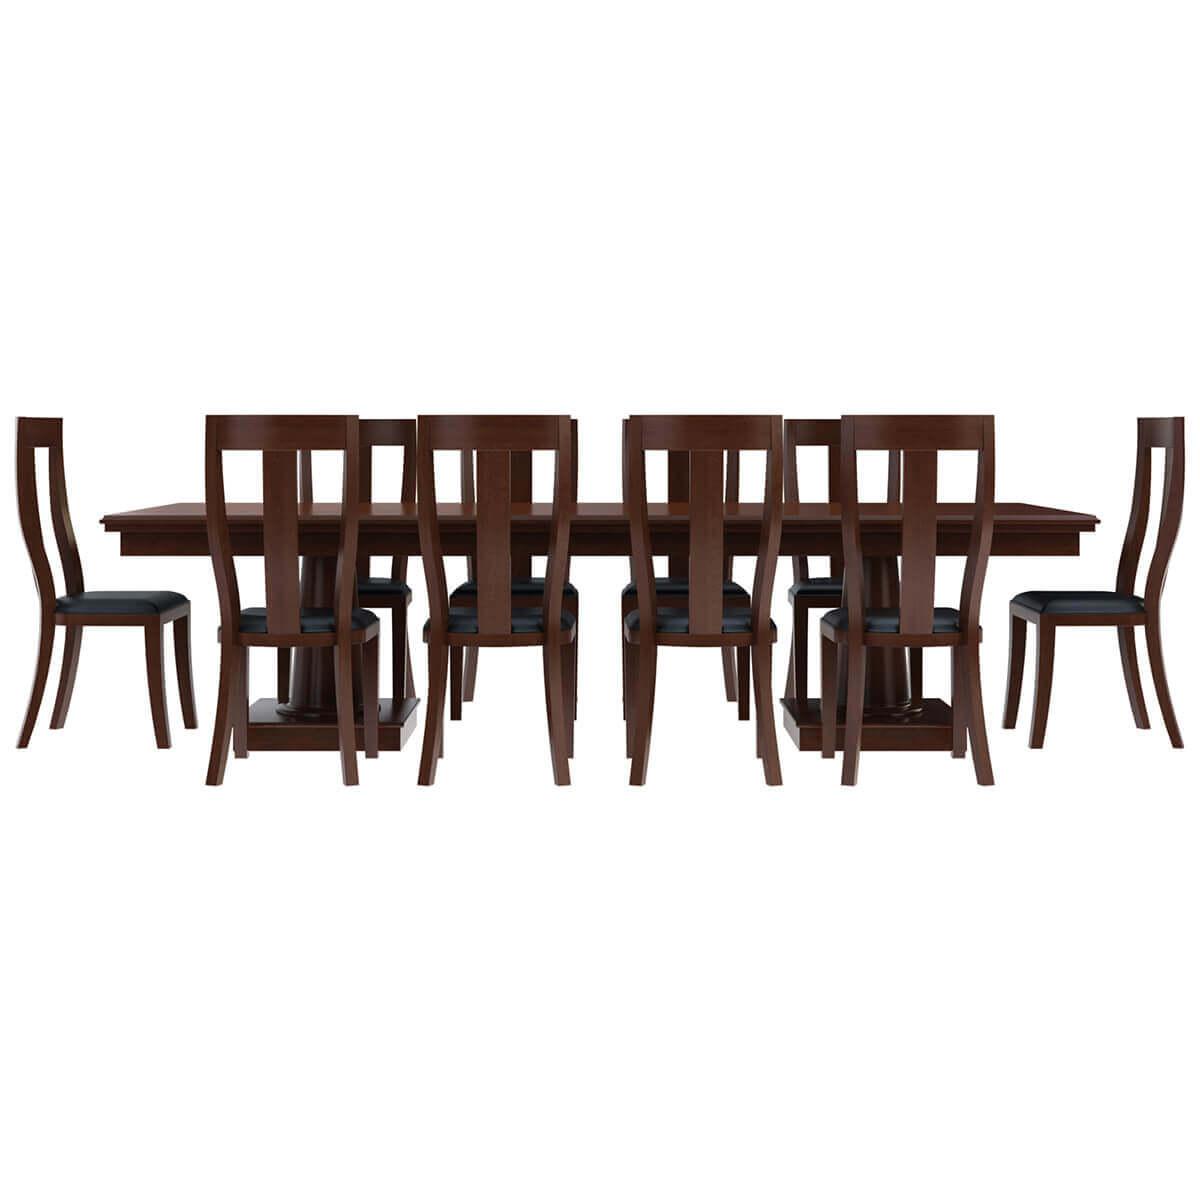 12 Piece Dining Room Set: Cazenovia Solid Mahogany Wood 12 Piece Dining Room Set